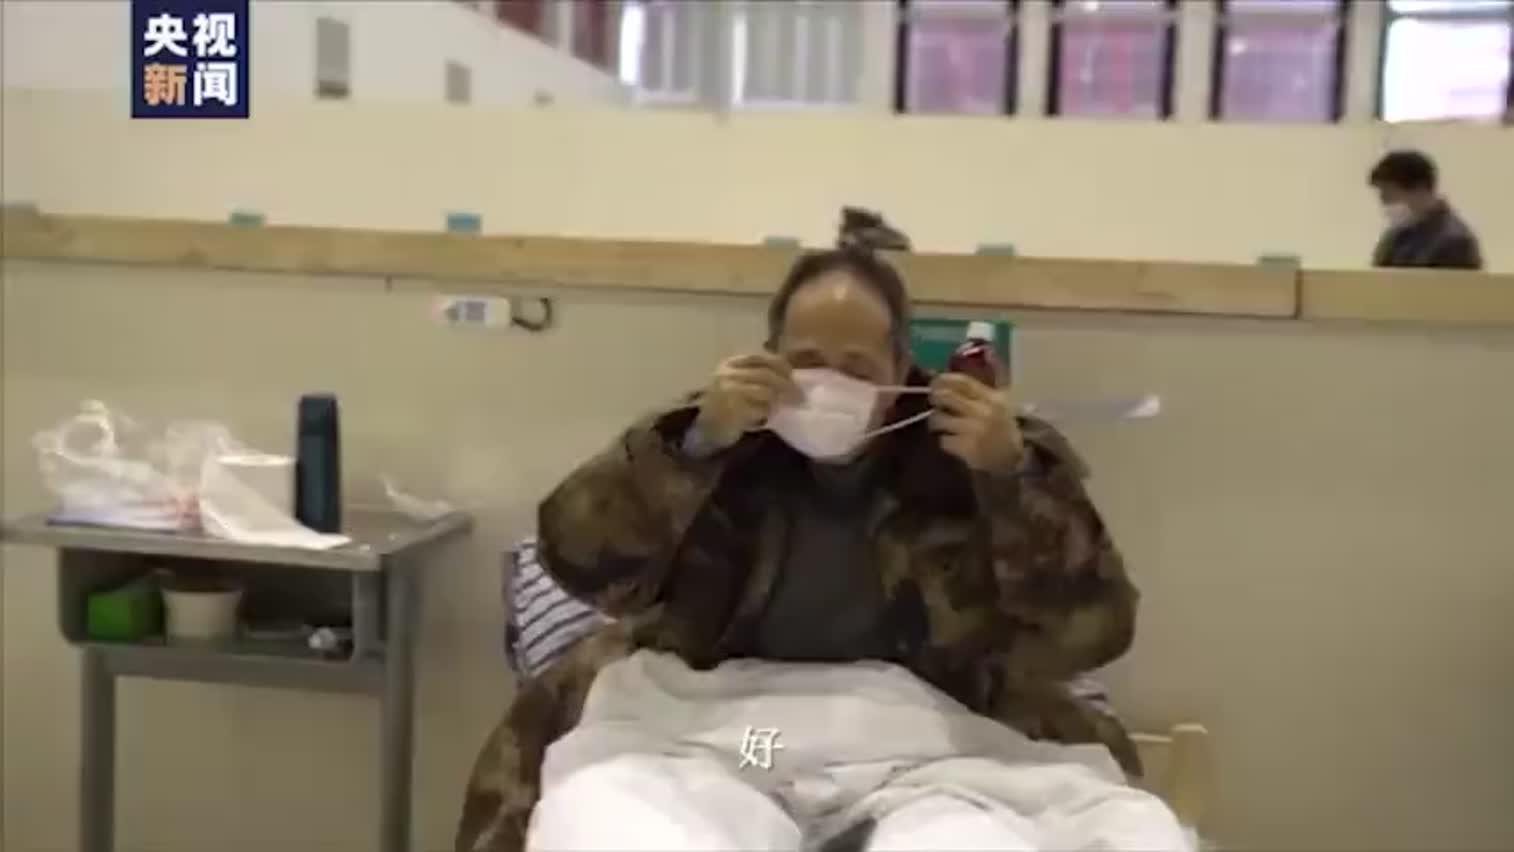 视频-武汉方舱医院 医护人员防护服上写周黑鸭热干